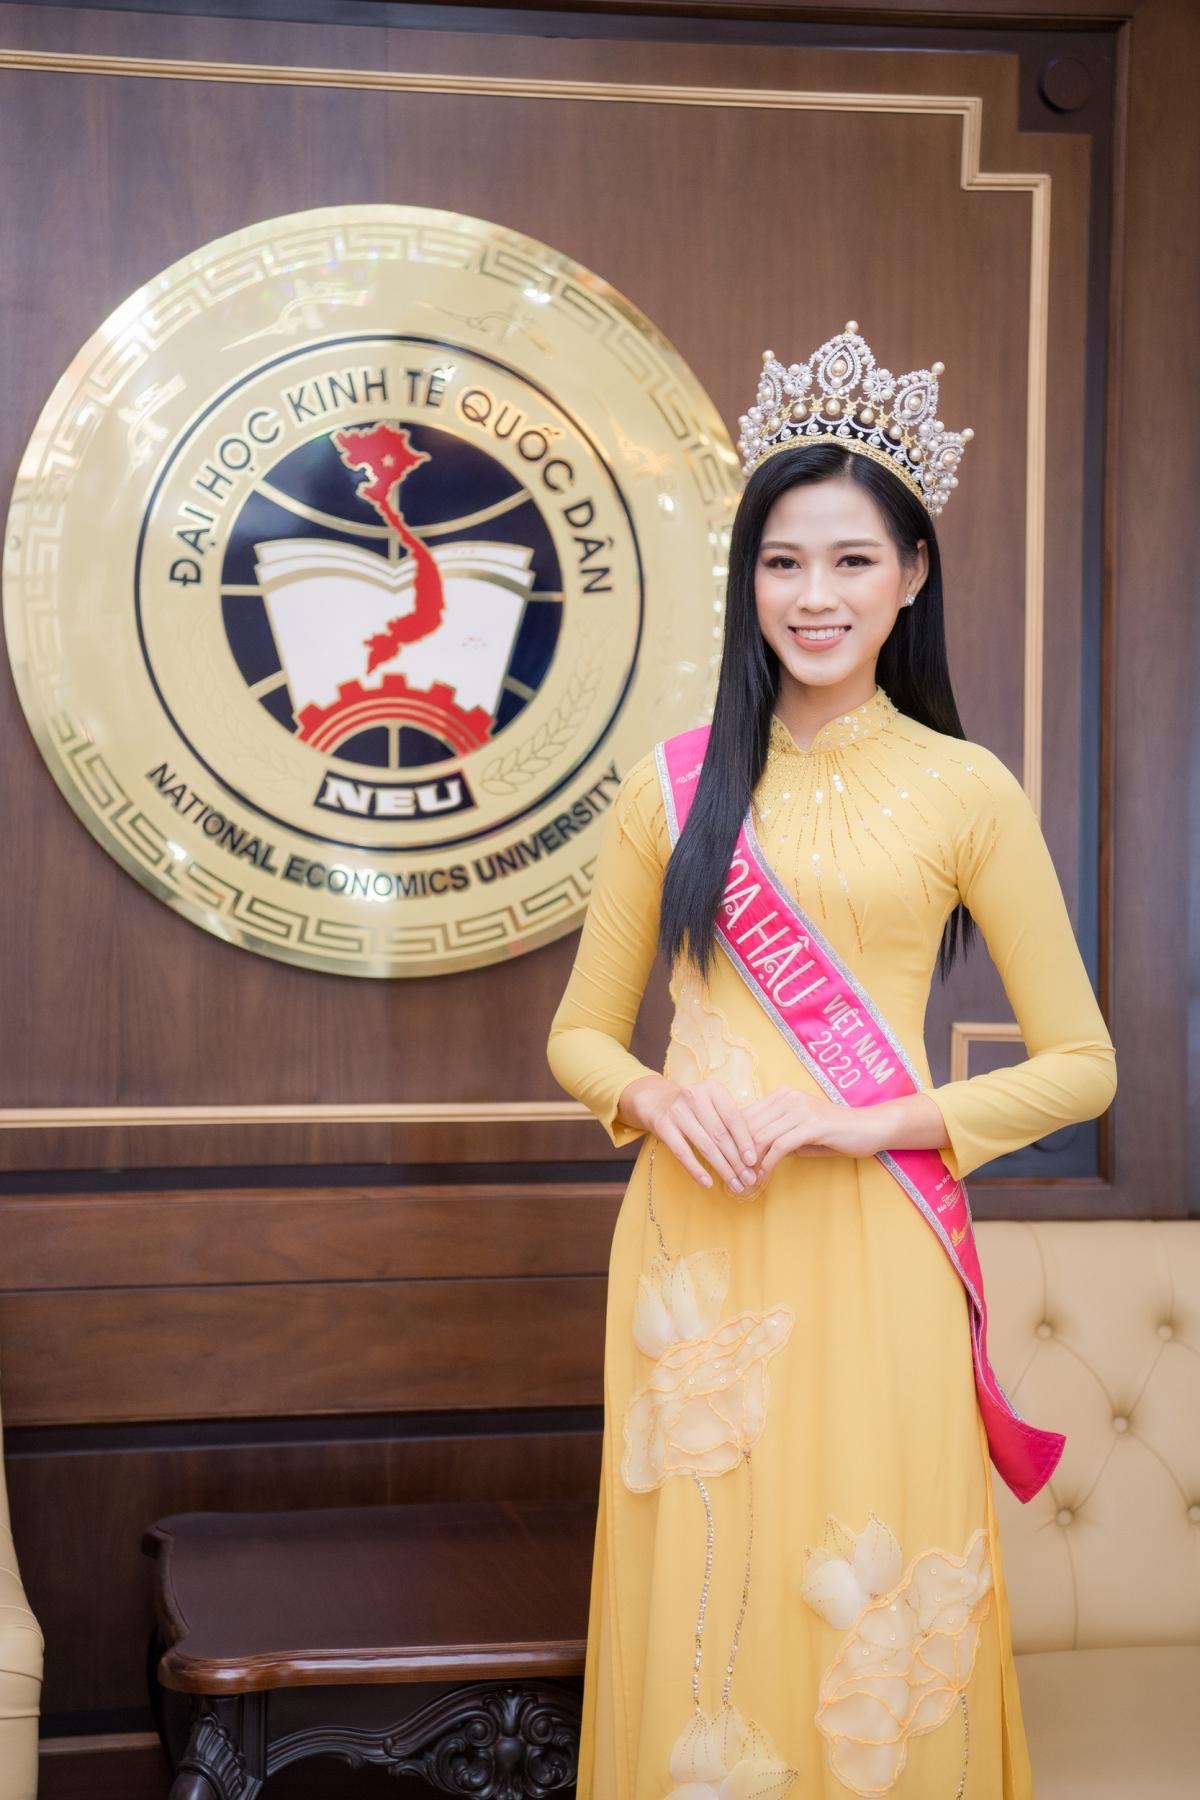 Người đẹp chọn chiếc áo dài màu vàng nổi bật, đeo vương miện danh giá.